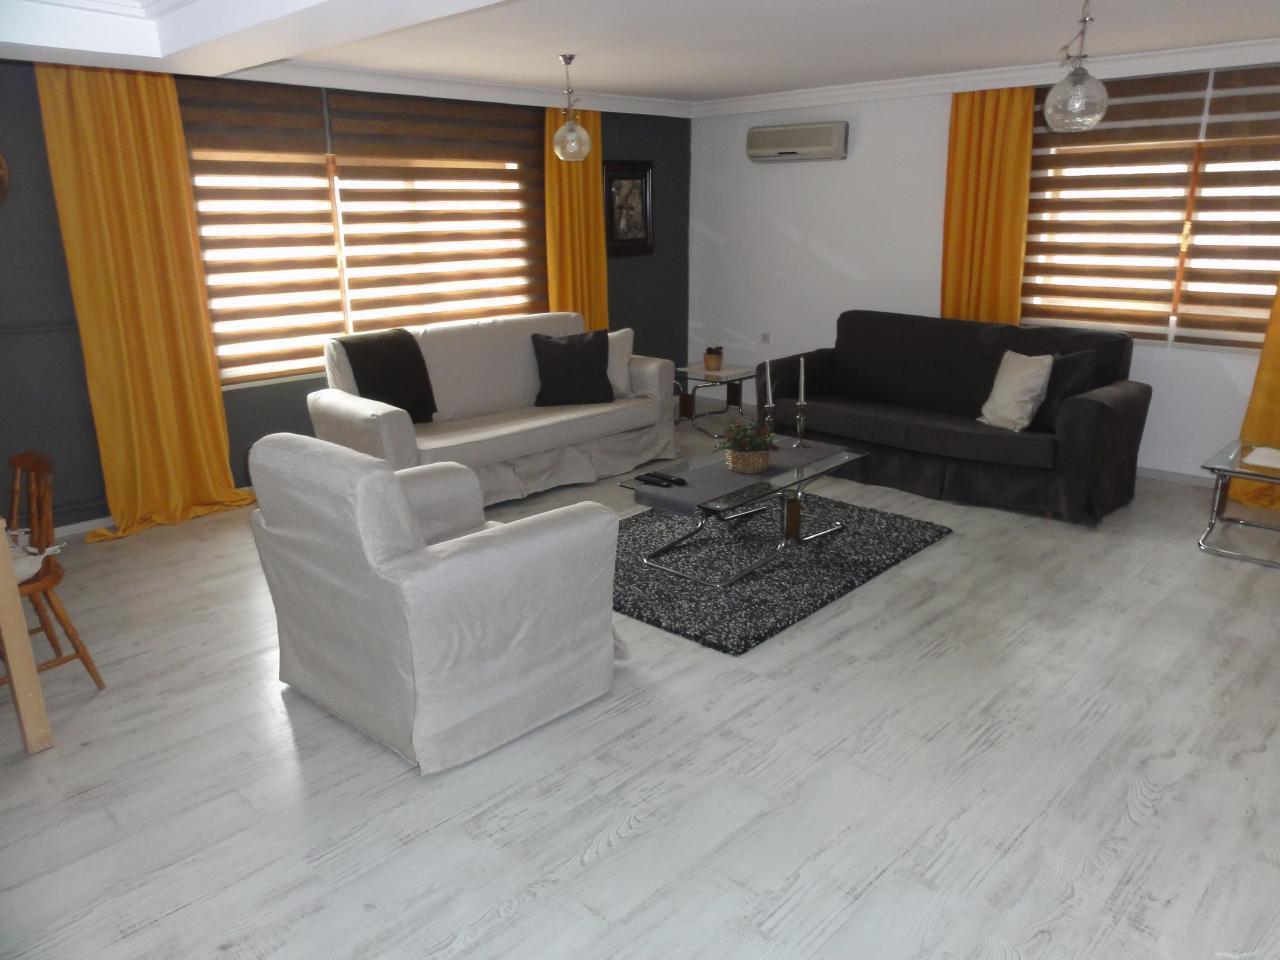 Ferienwohnung Evodak Apartment D 2 (1710501), Balgat, , Zentralanatolien, Türkei, Bild 8